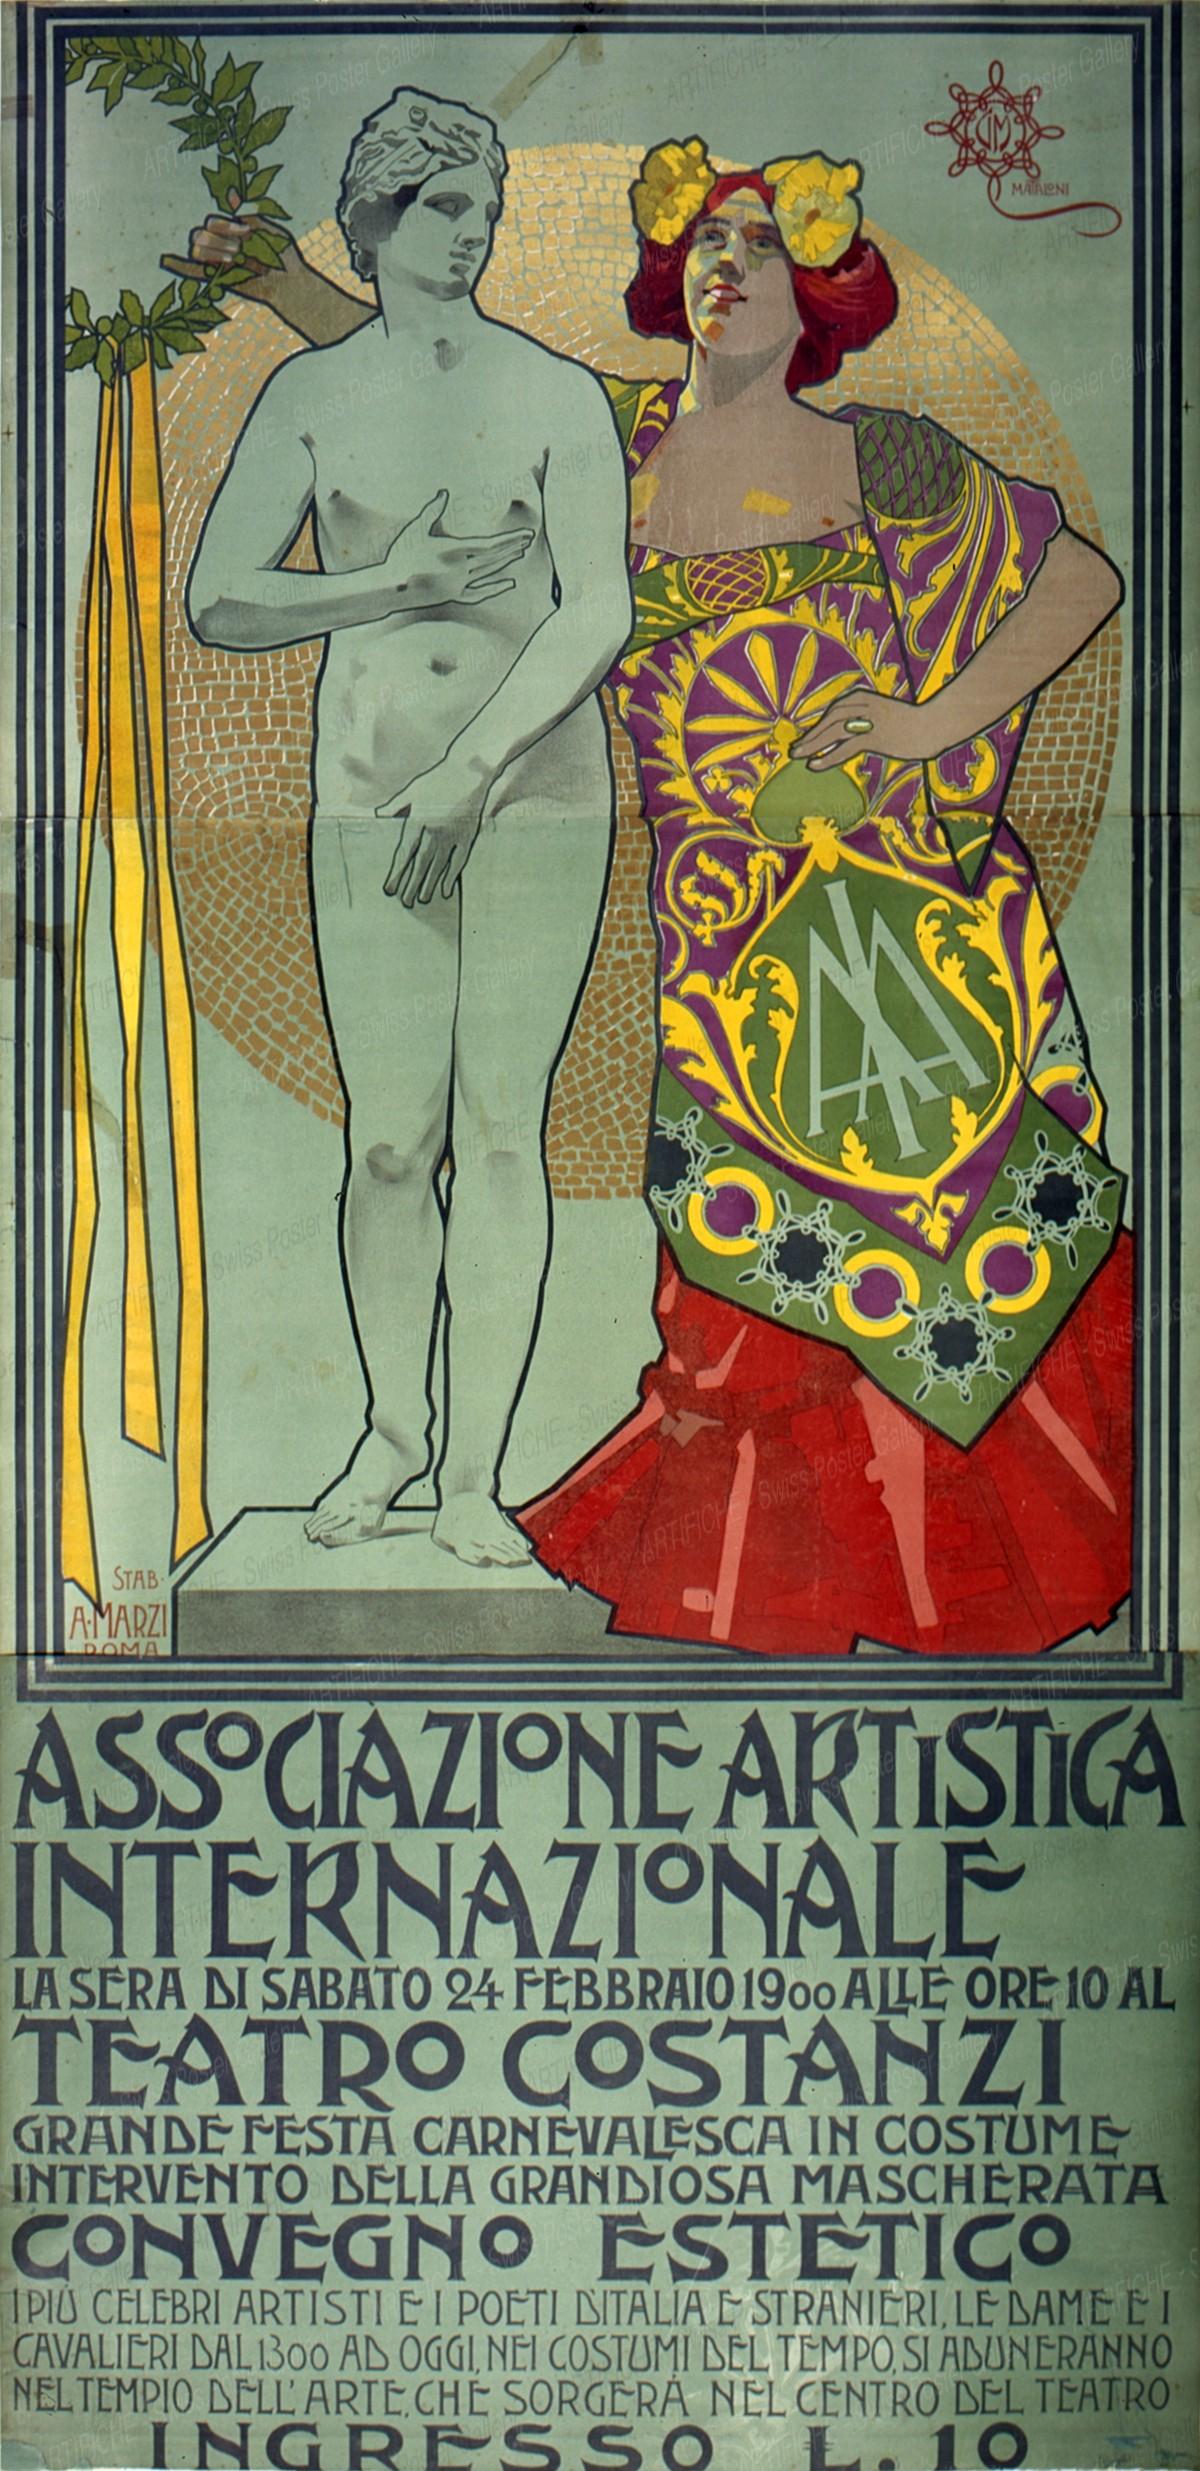 Teatro Costanzi Associazione Artistica internazionale, Mataloni